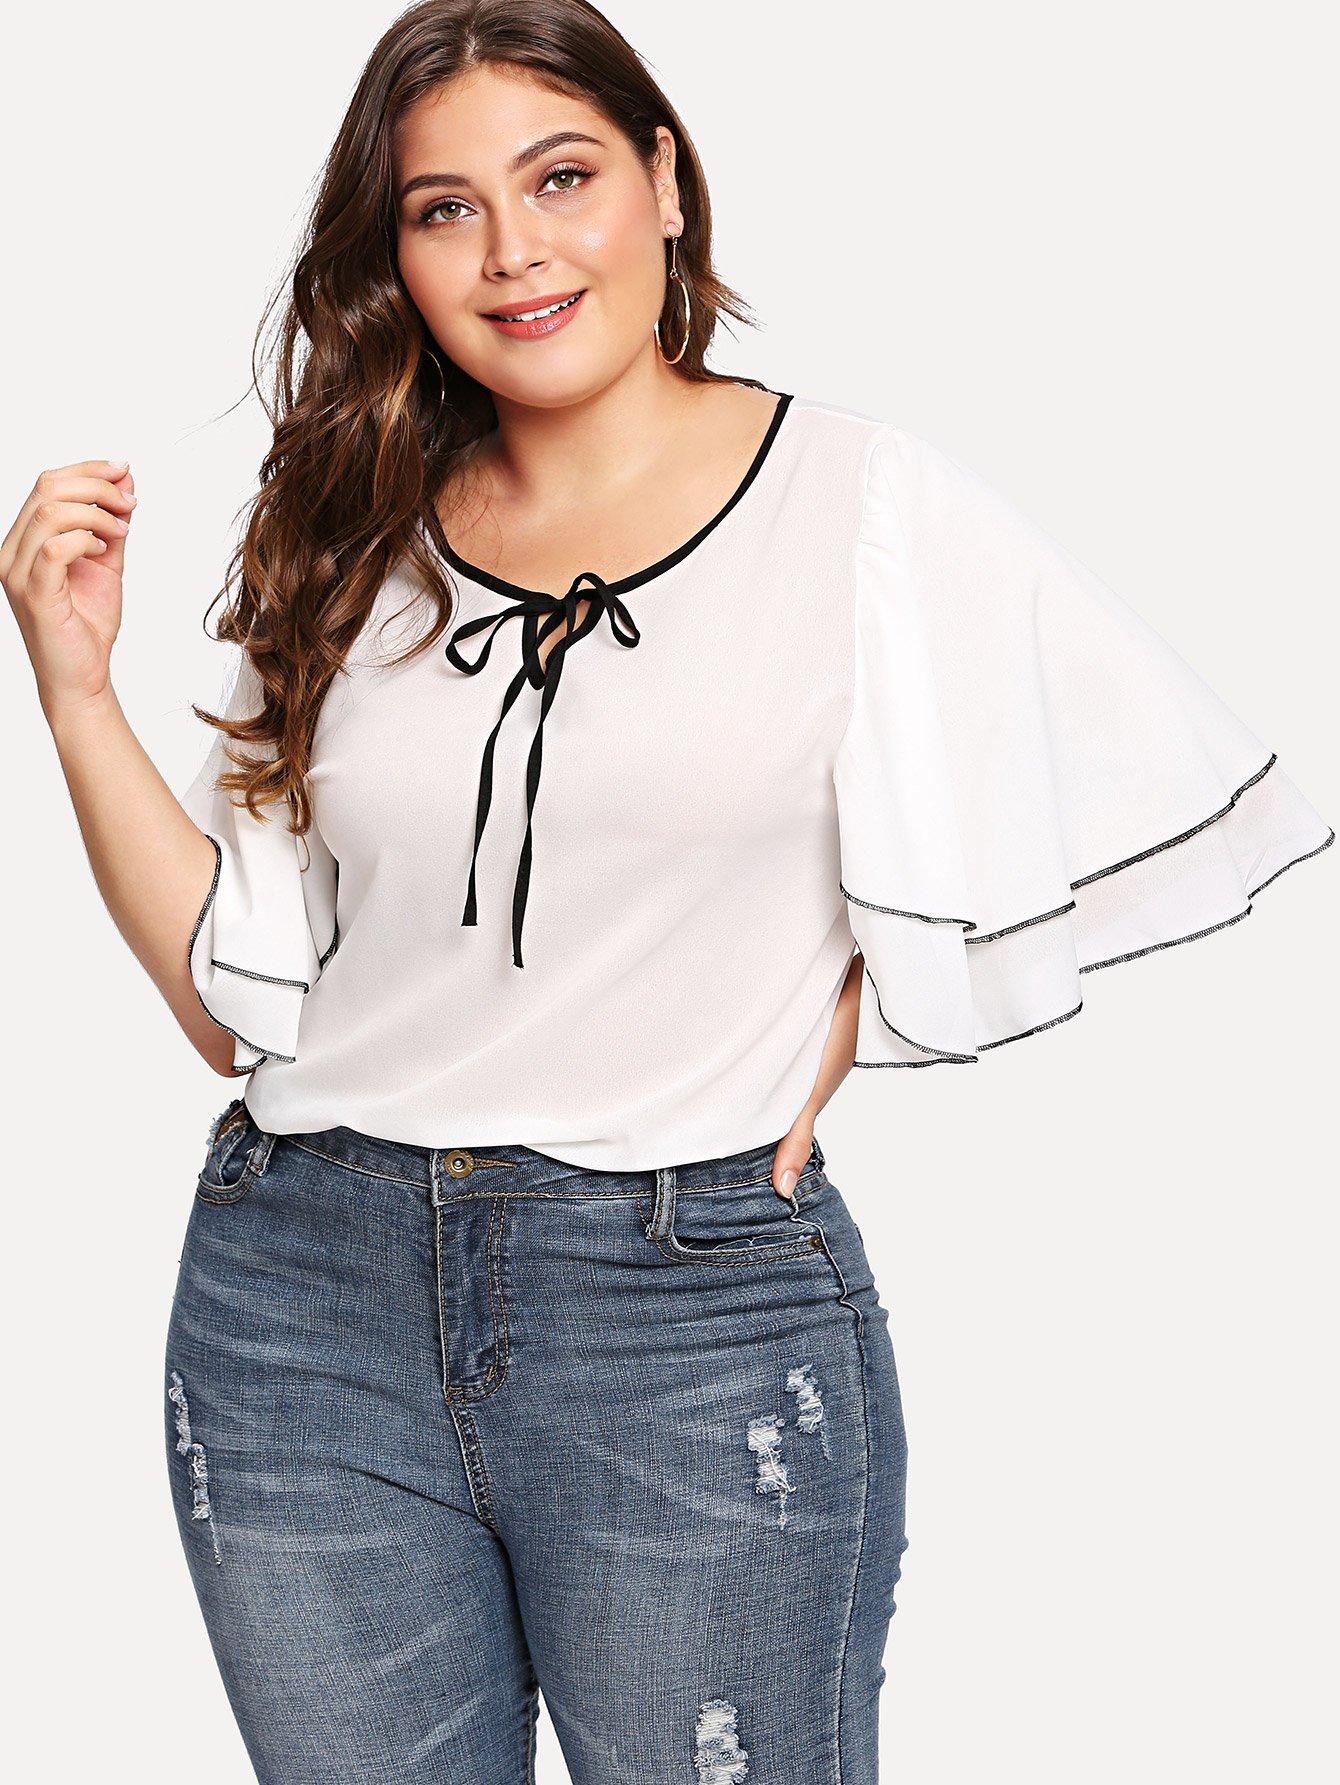 Купить Повседневные Одноцветный Полый Белые Блузы большого размера, Carol, SheIn